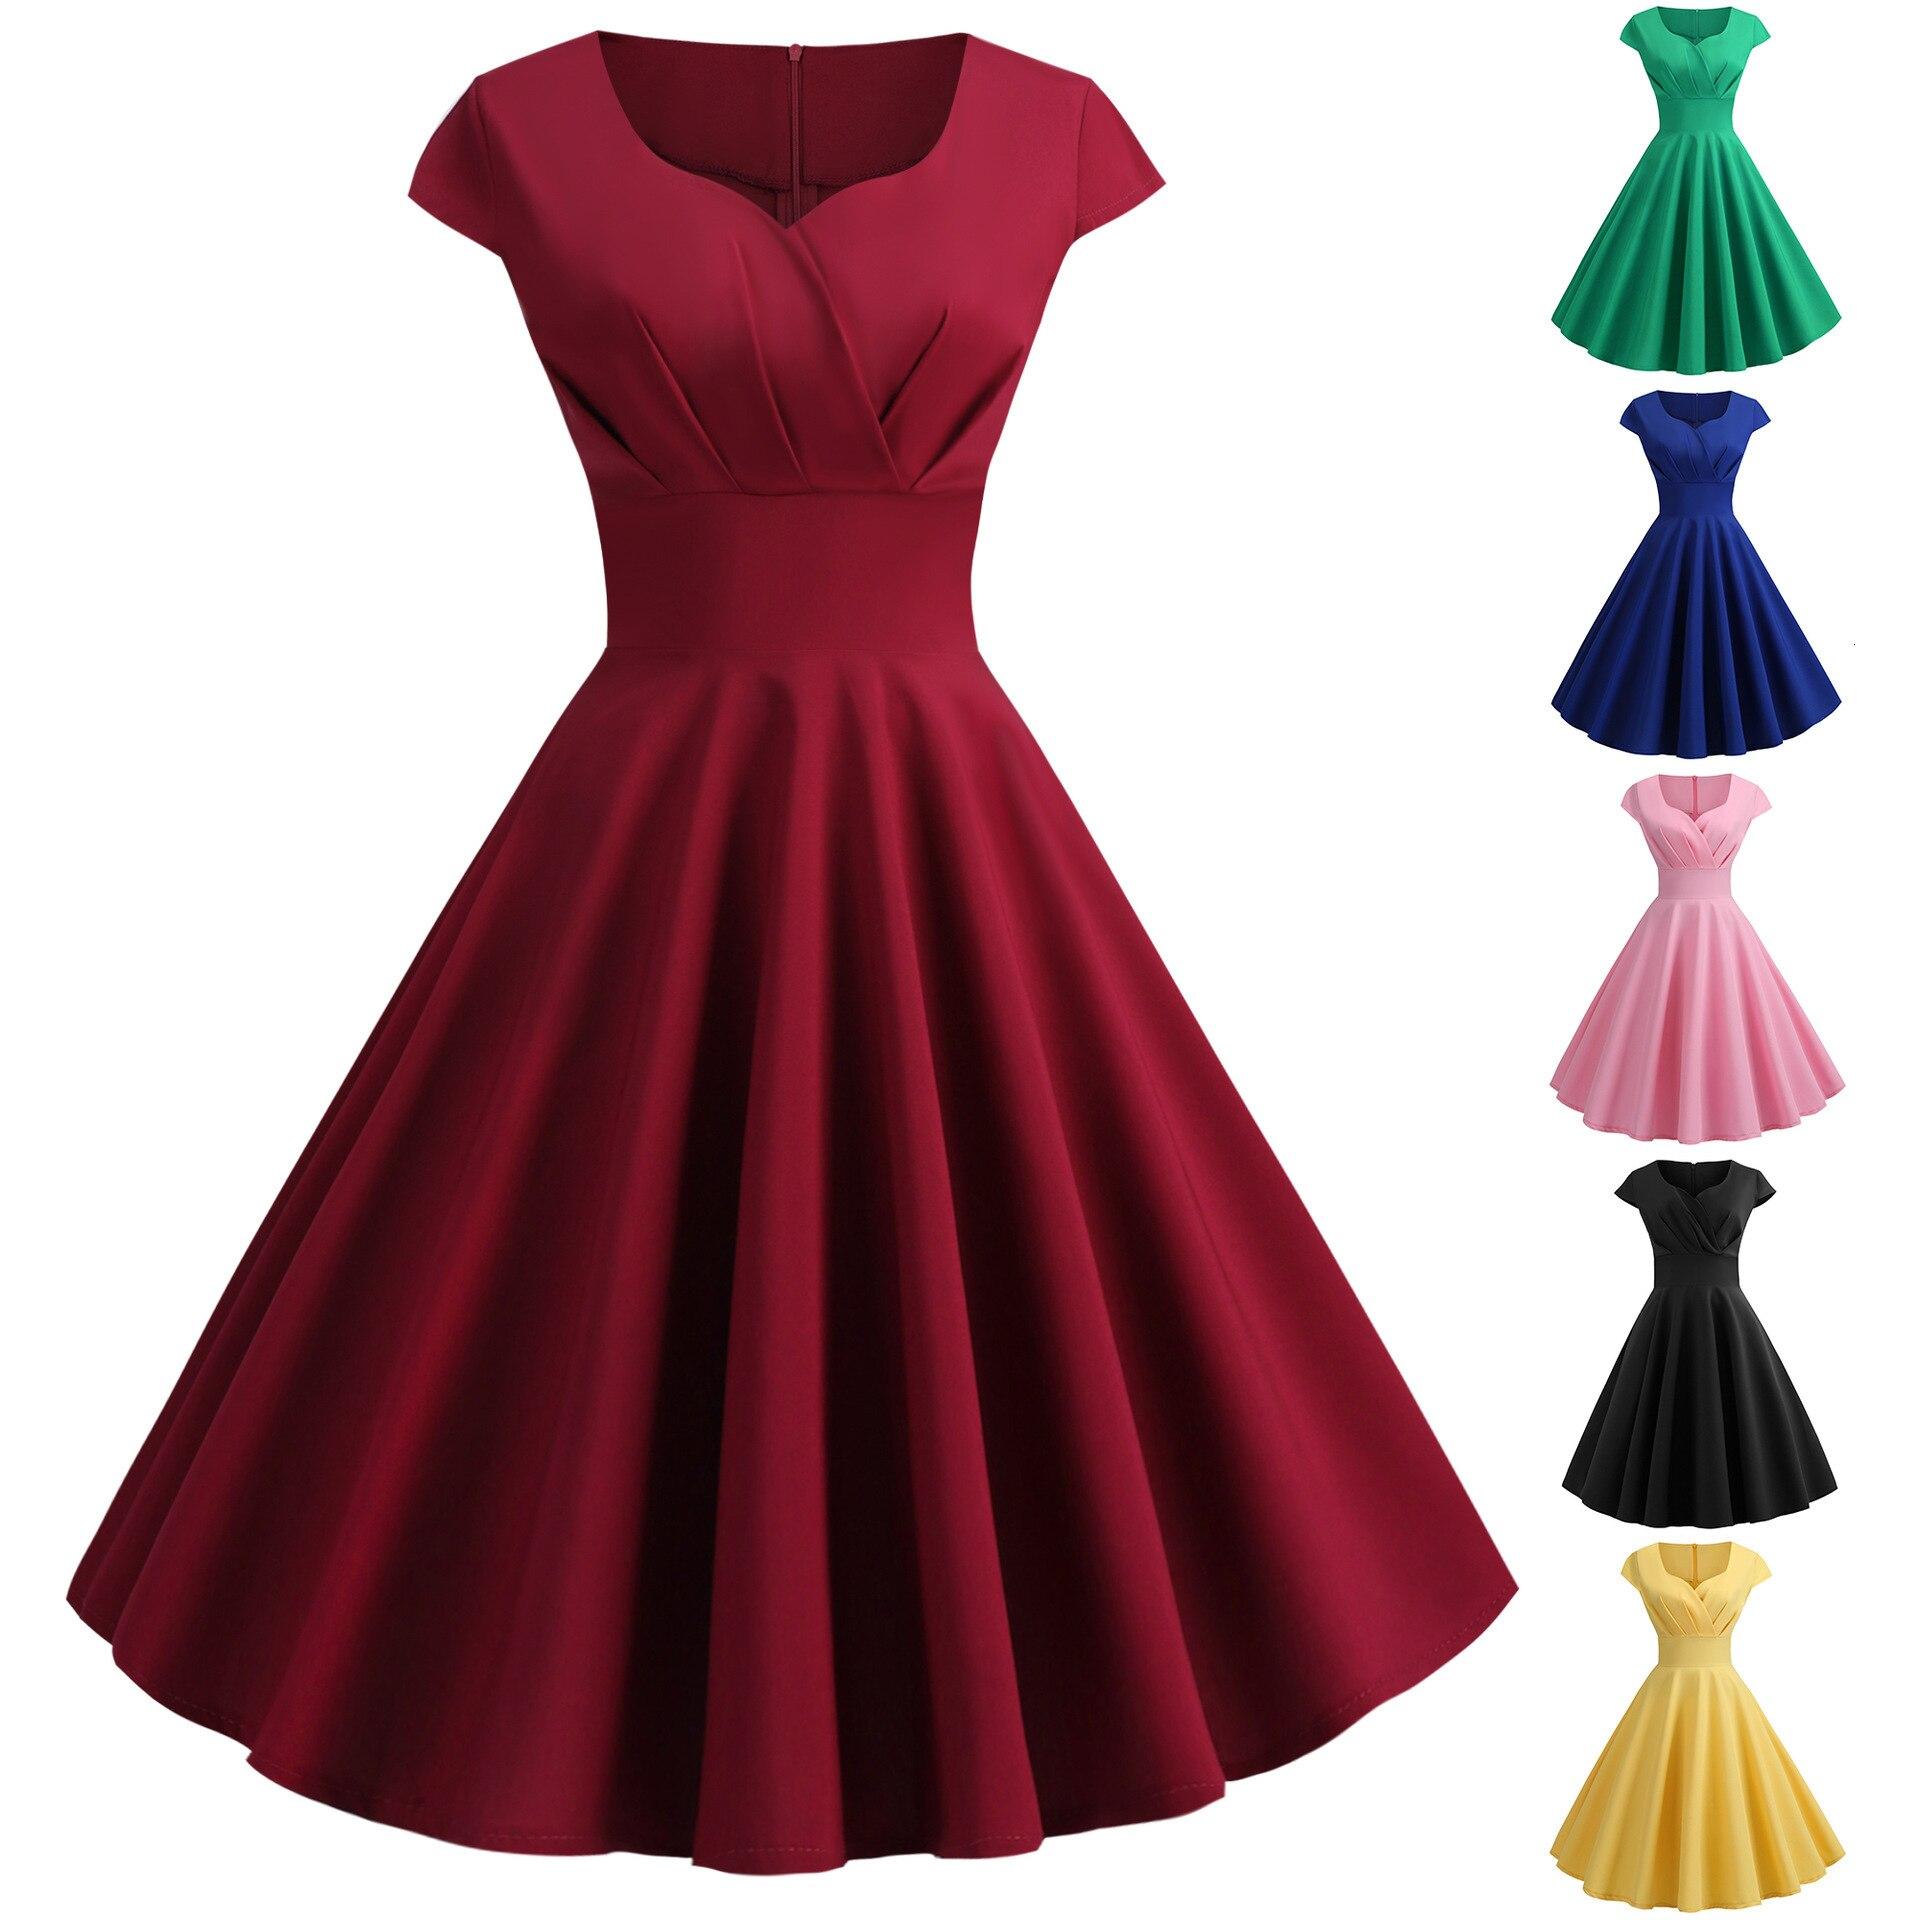 Backlake Girls Summer V Neck Cap Sleeve Solid Color Coctail Dress A Line Knee-length Formal Dresses Sukienki Koktajlowe